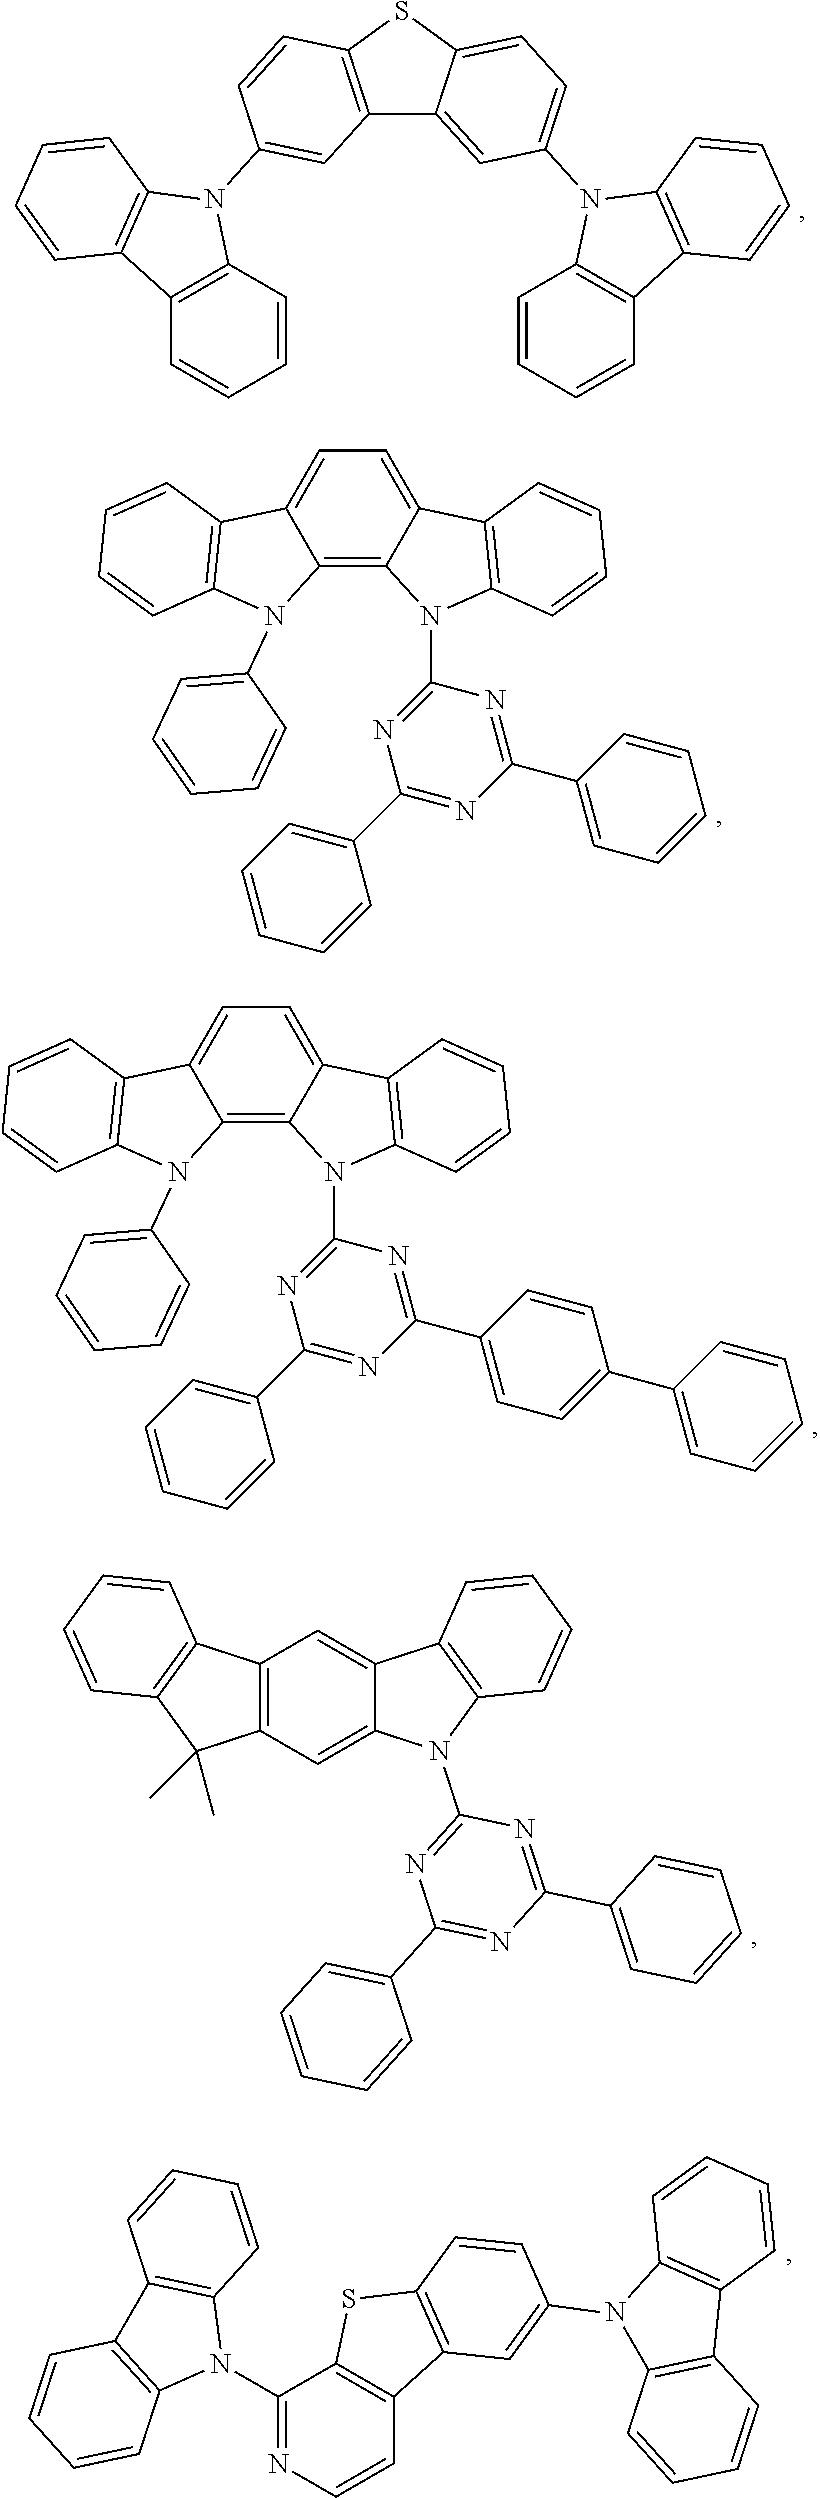 Figure US20190161504A1-20190530-C00014